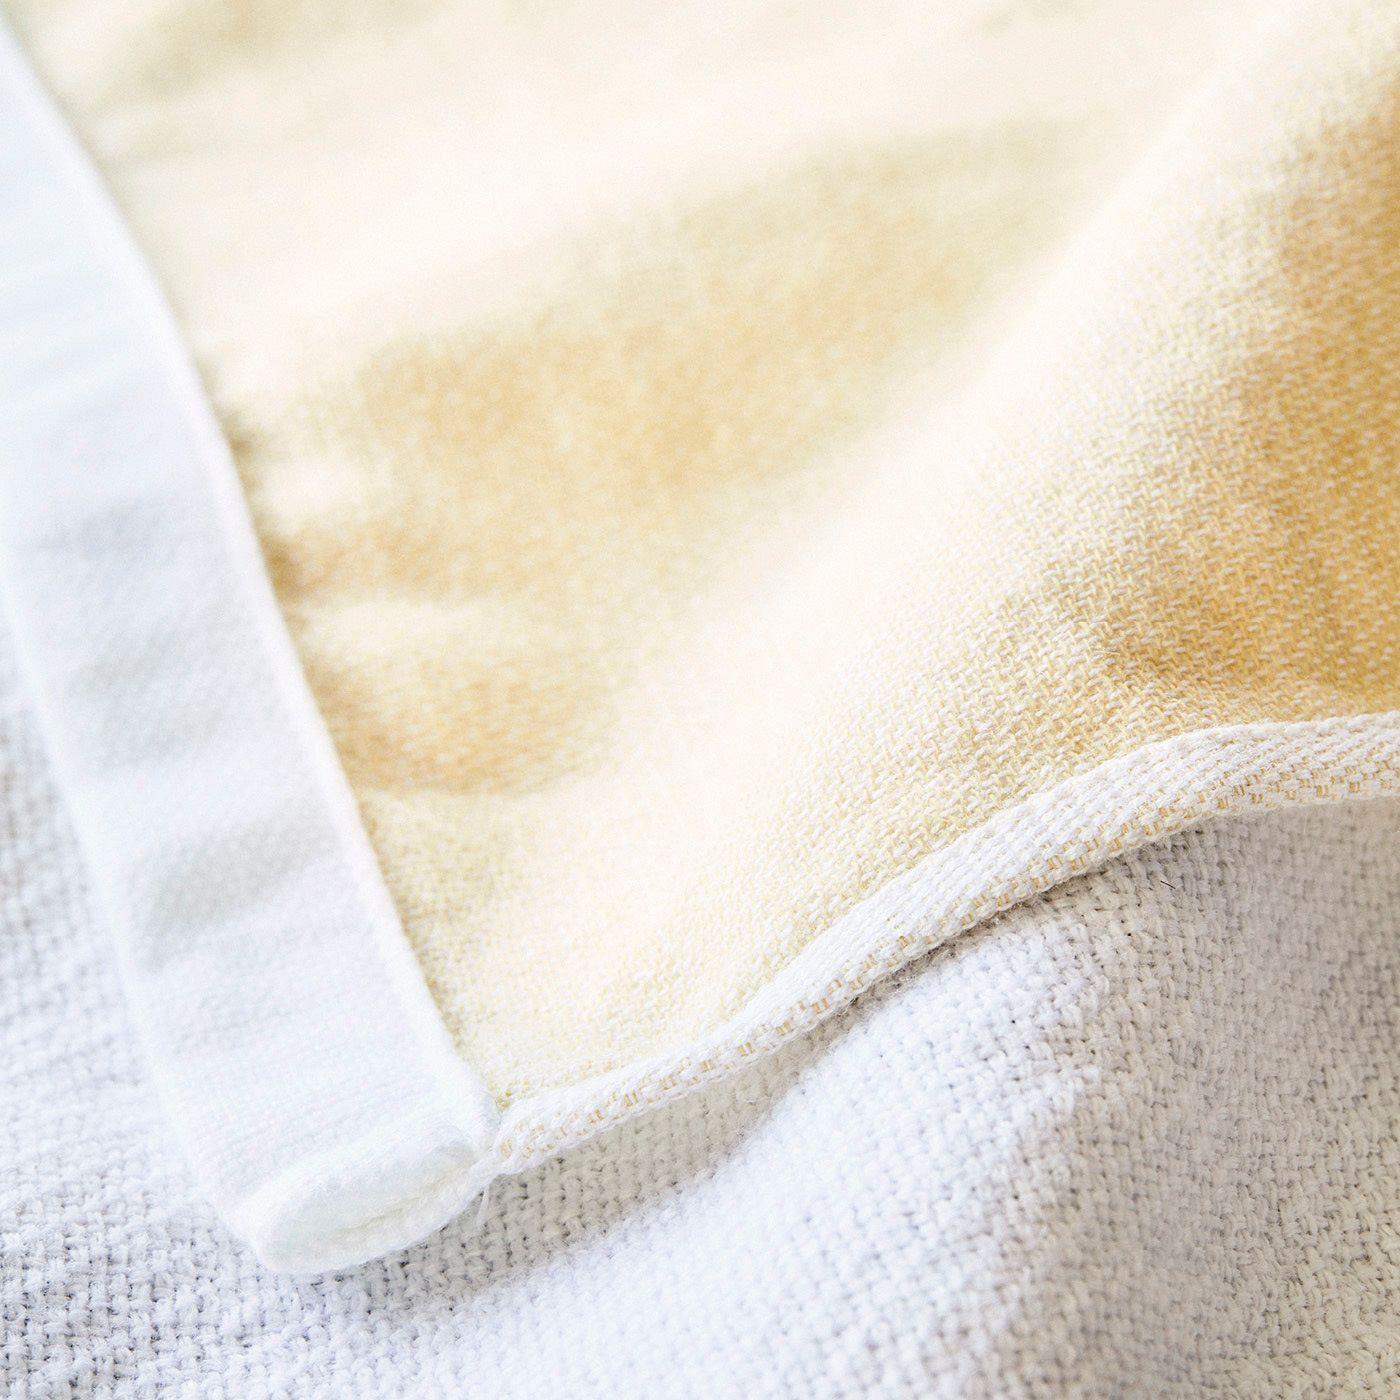 やわらかなダブルガーゼを白ときれい色のやさしい組み合わせに。